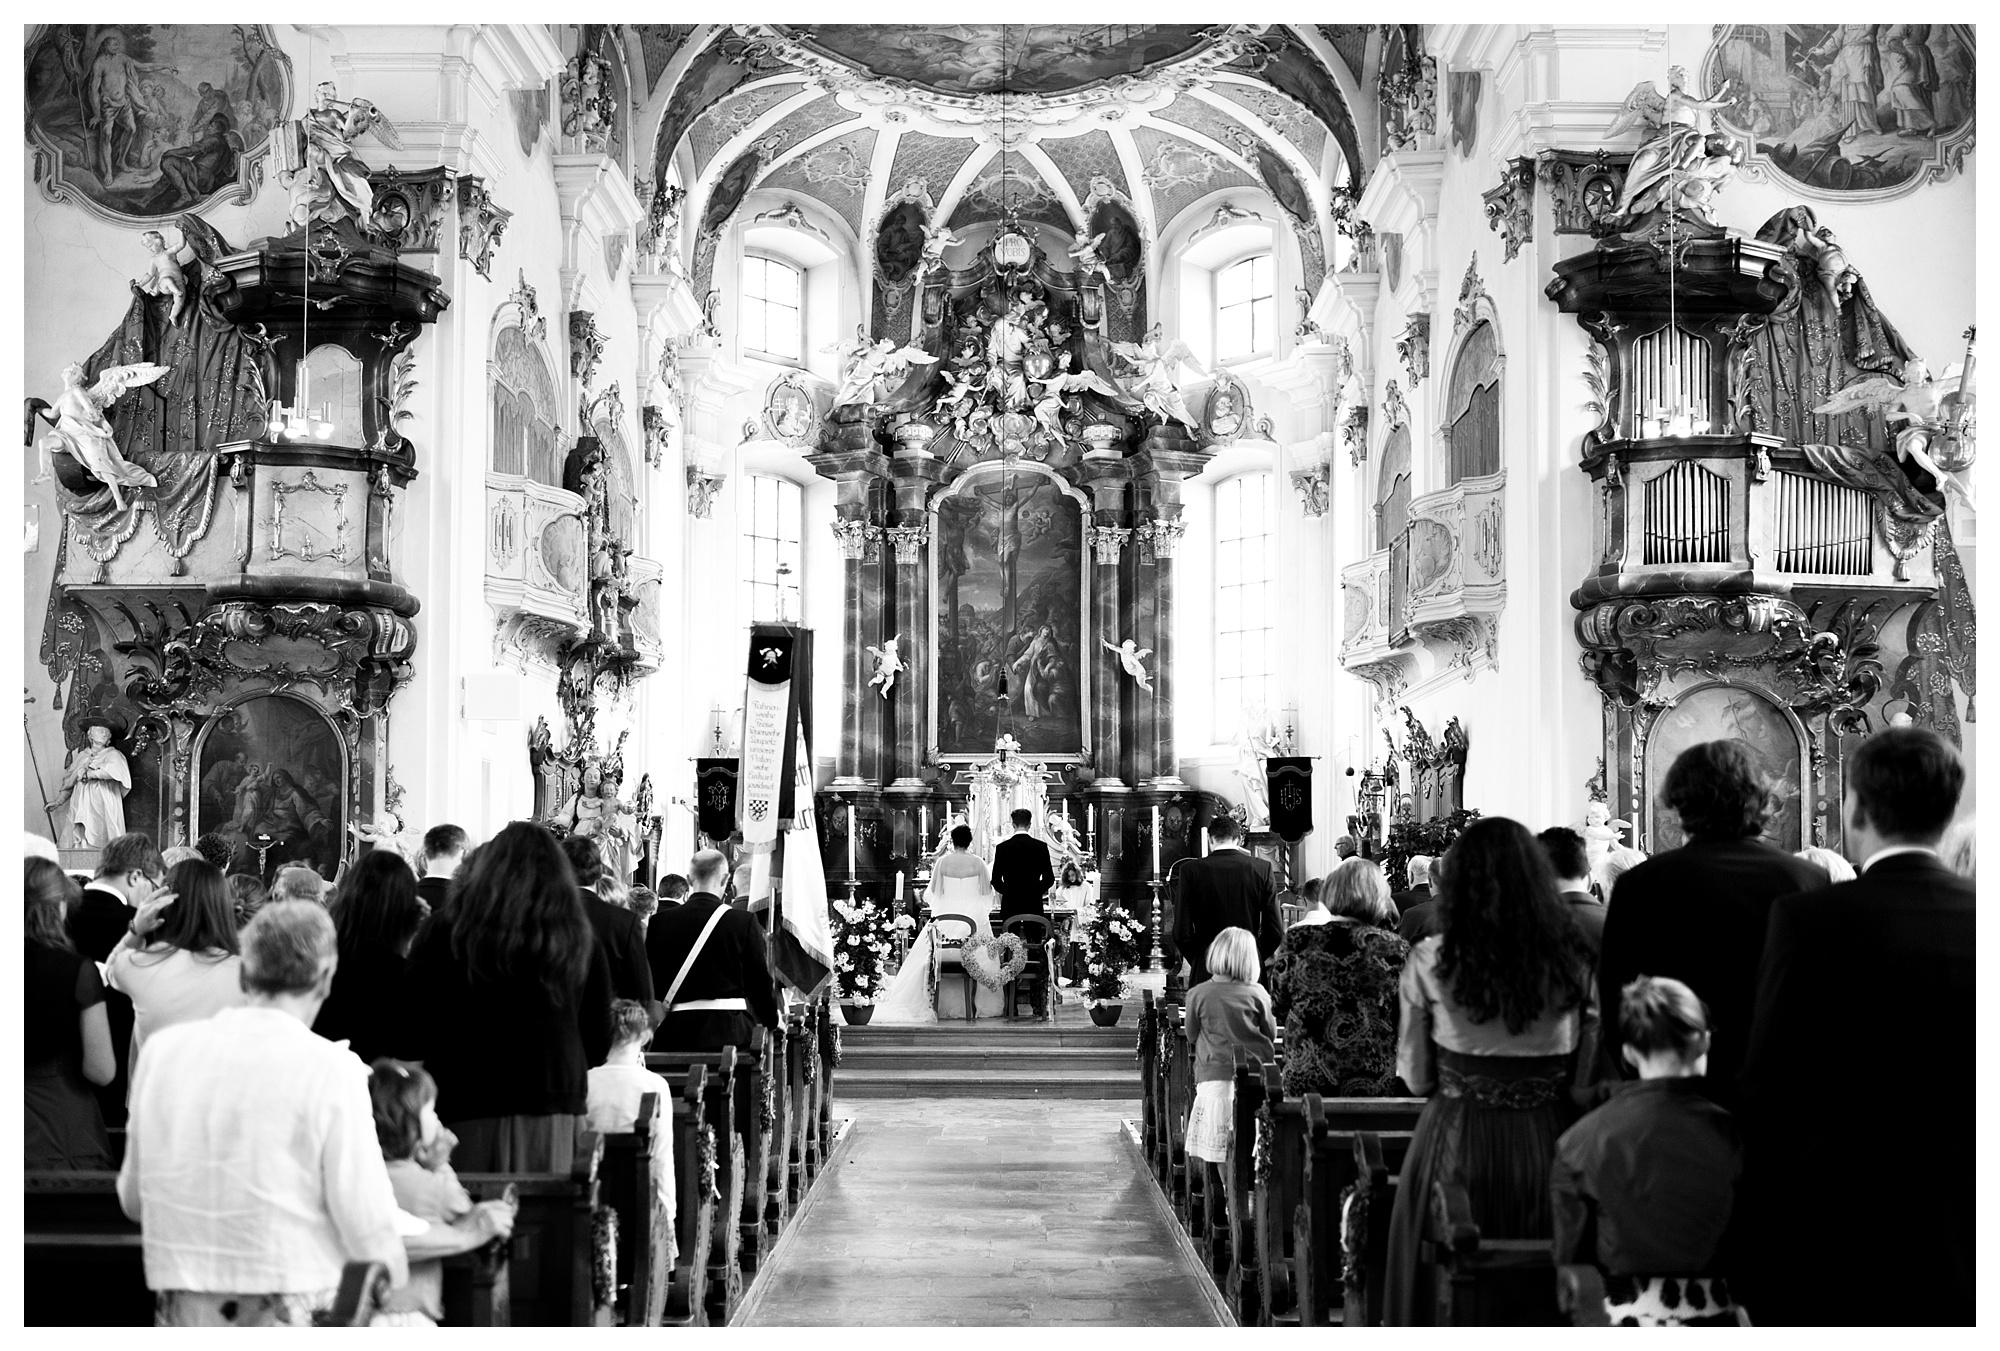 Fotograf Konstanz - Hochzeit Tanja Elmar Elmar Feuerbacher Photography Konstanz Messkirch Highlights 028 - Hochzeitsreportage von Tanja und Elmar im Schloss Meßkirch  - 27 -